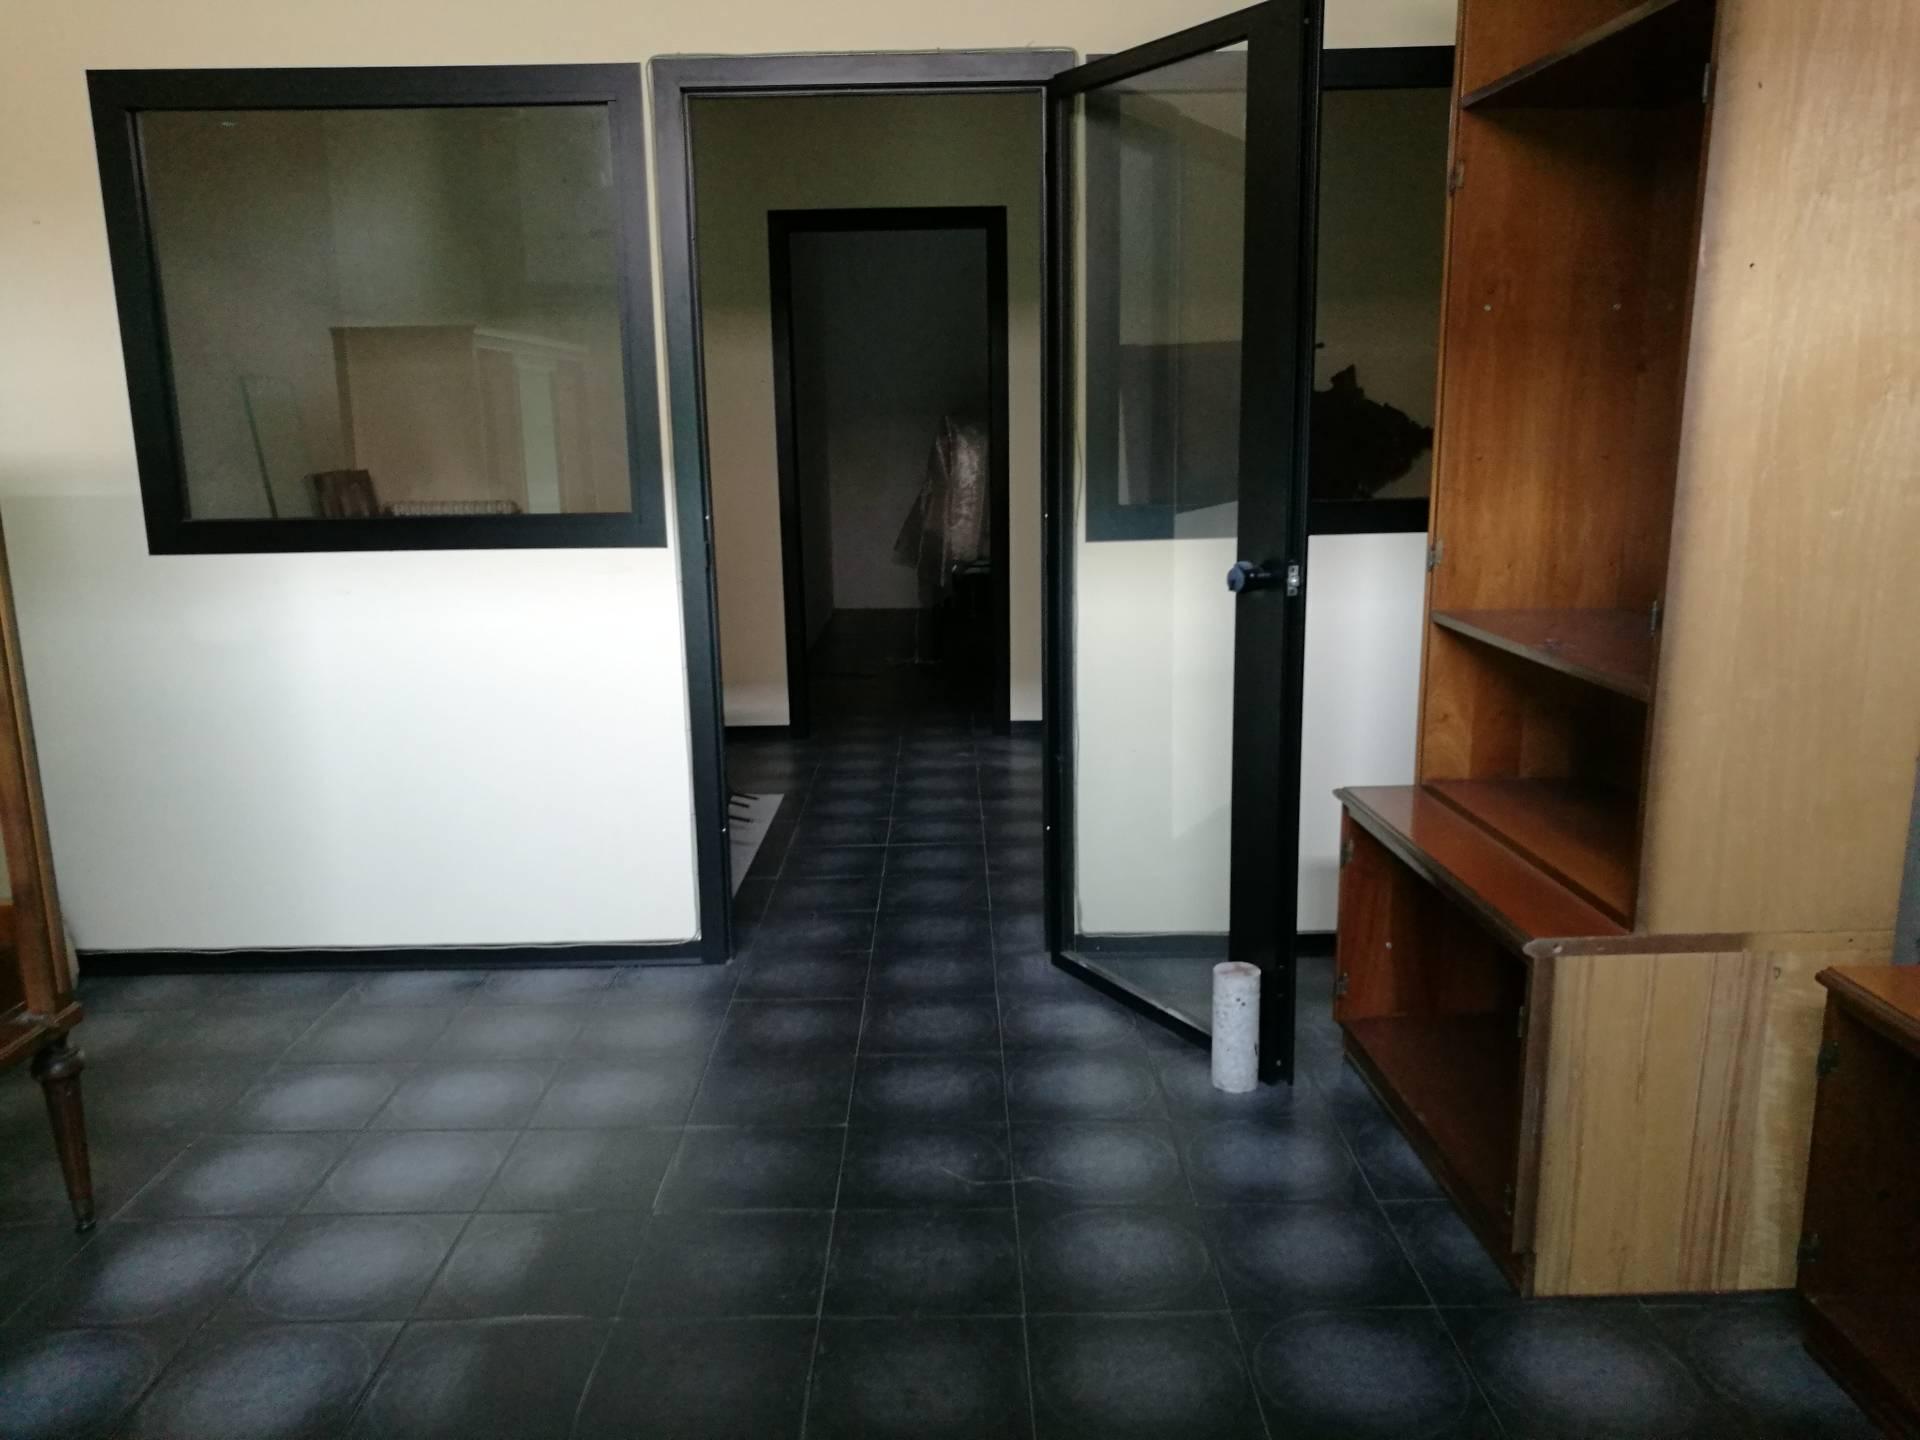 Ufficio / Studio in affitto a Lugo, 9999 locali, zona Località: centro, prezzo € 280 | CambioCasa.it